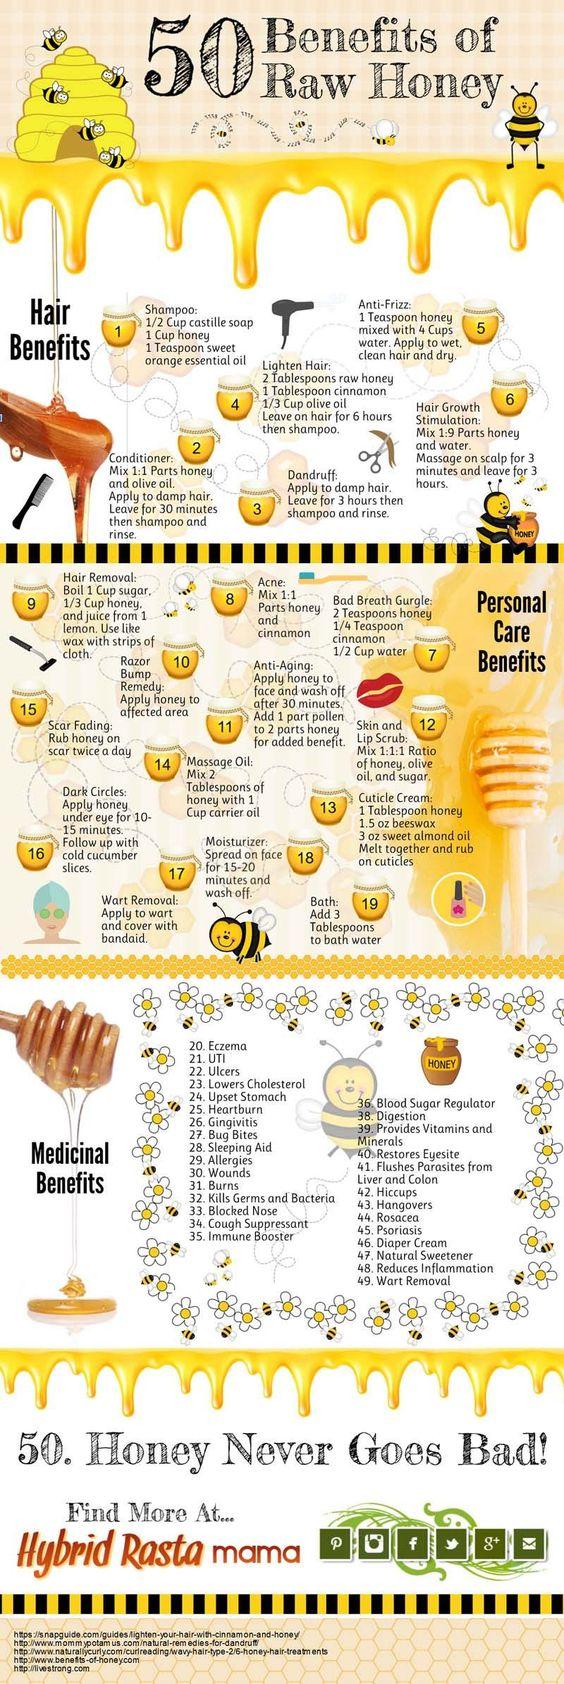 50-benefits-of-raw-honey_55f1cdc89a2dd